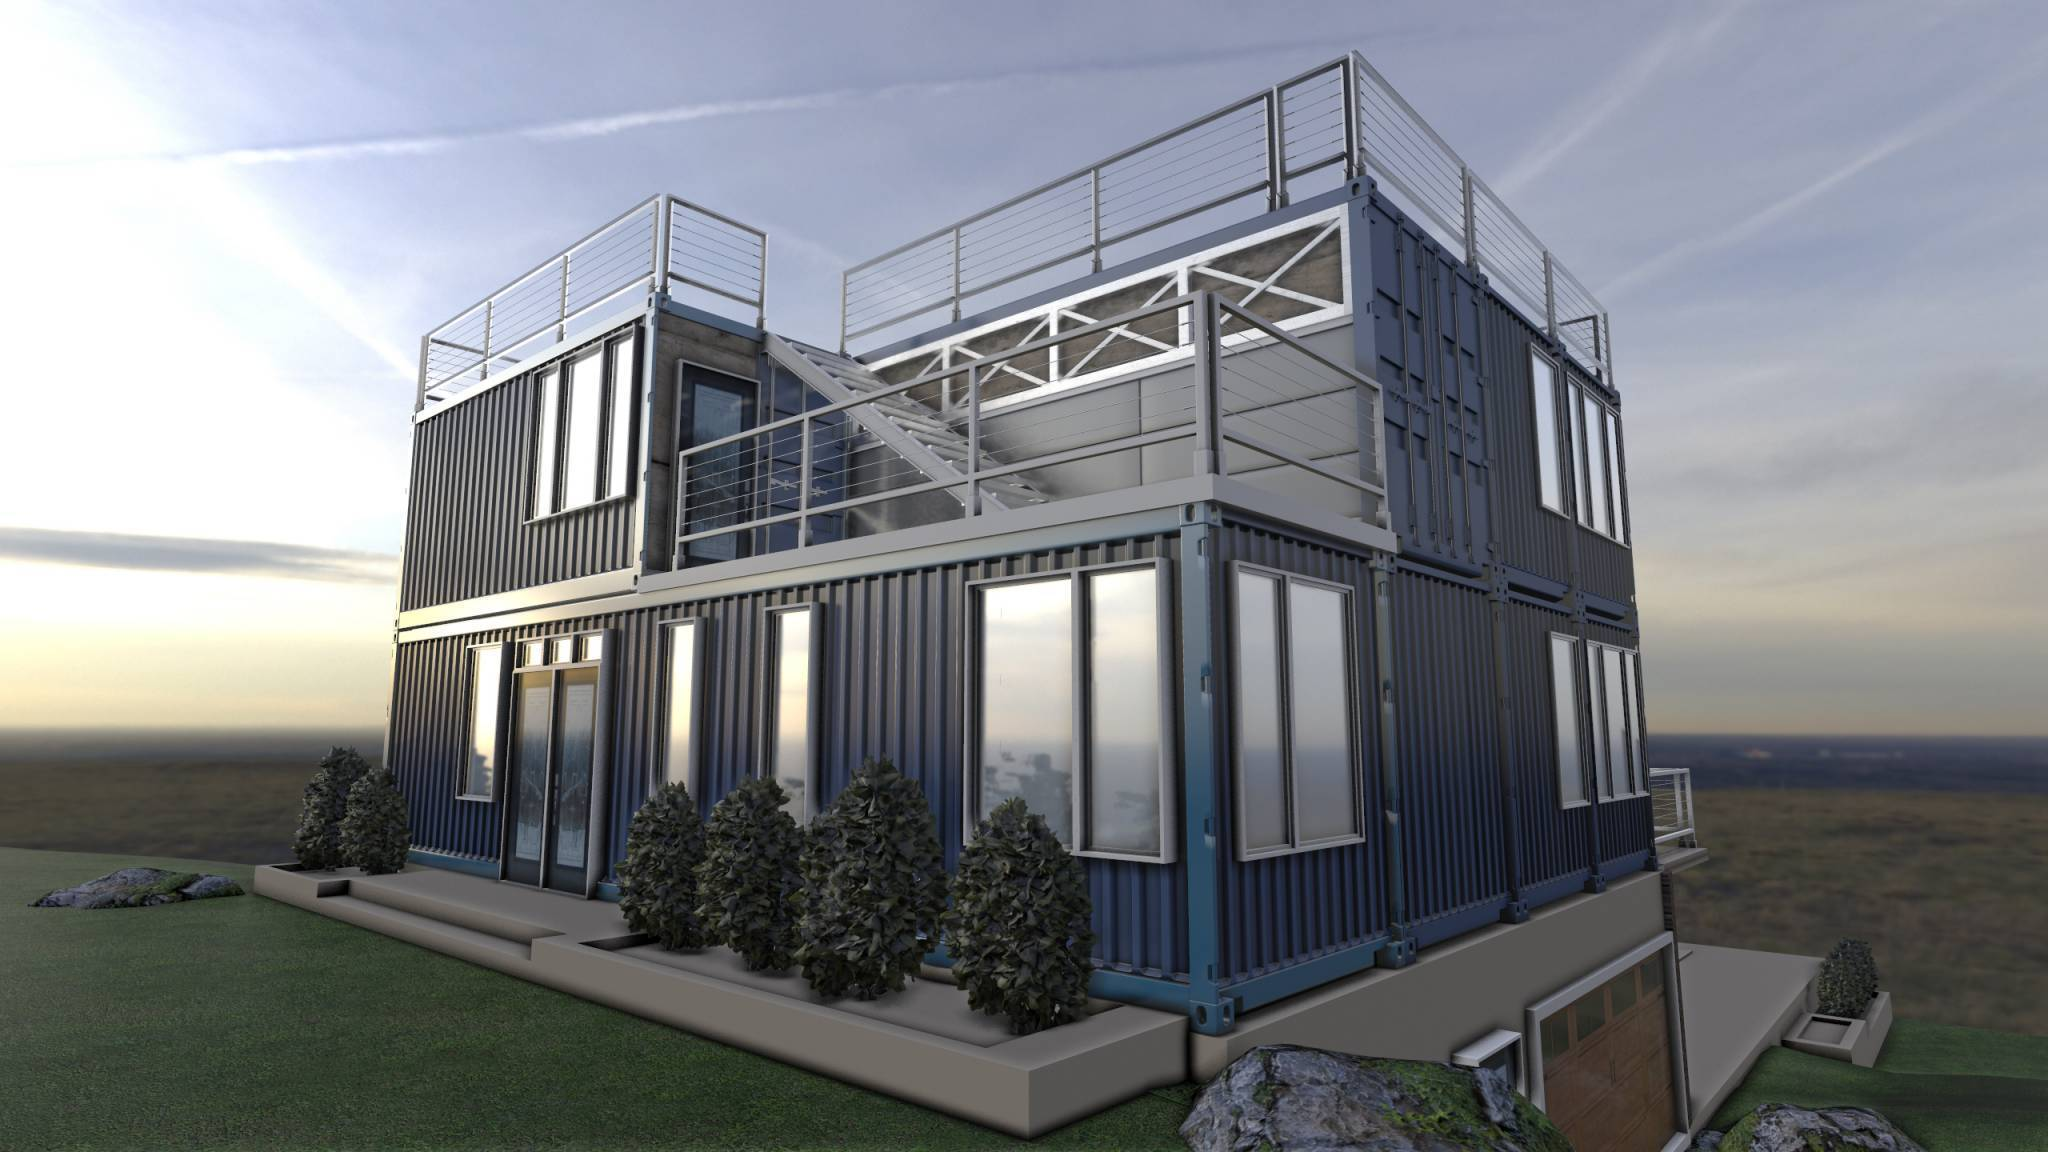 Дом из морских контейнеров: проекты, строительство, утепление, цена - квартира, дом, дача - медиаплатформа миртесен